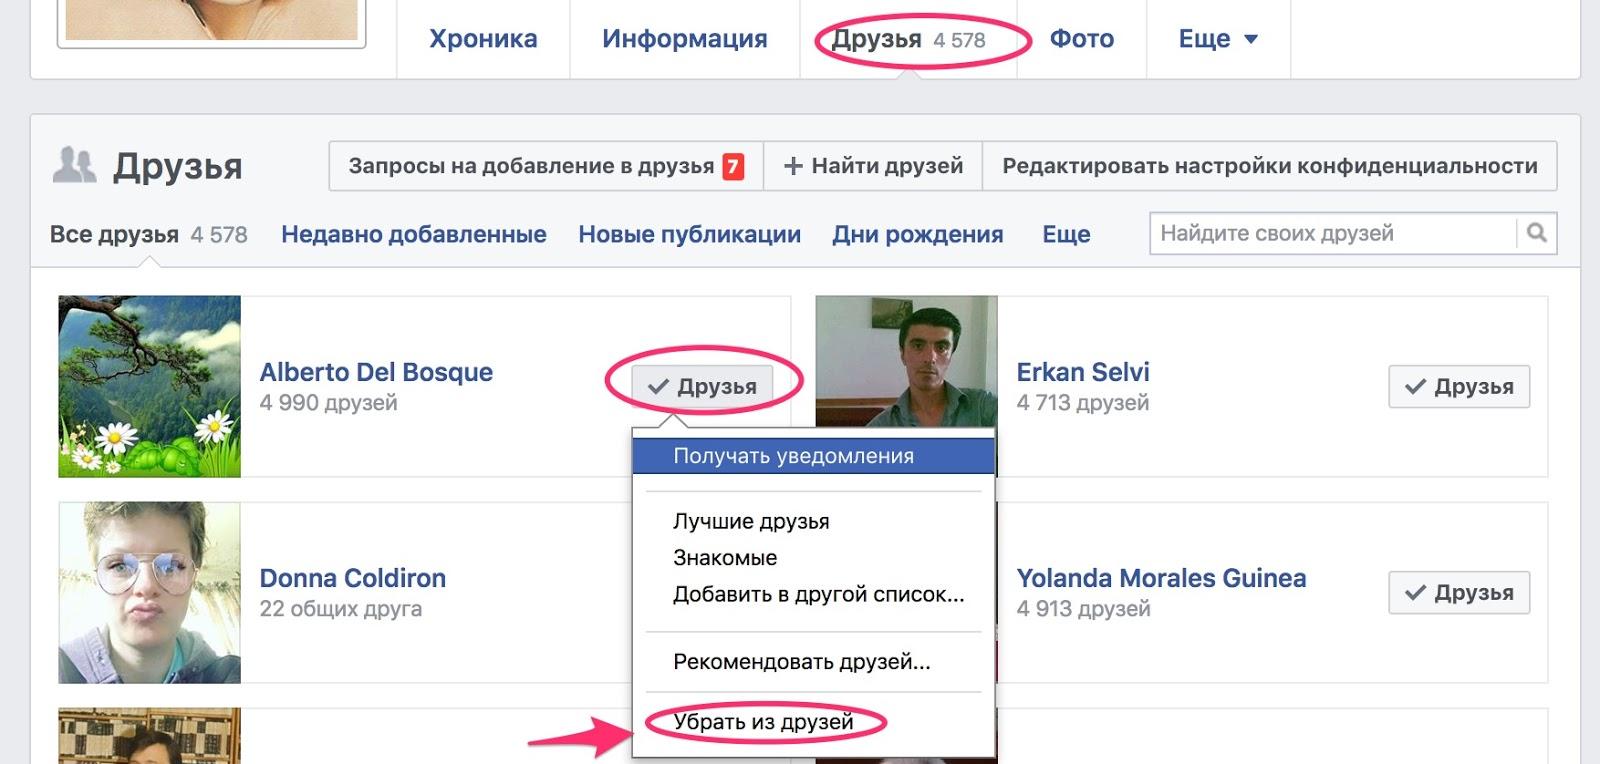 как убрать фото из фейсбука